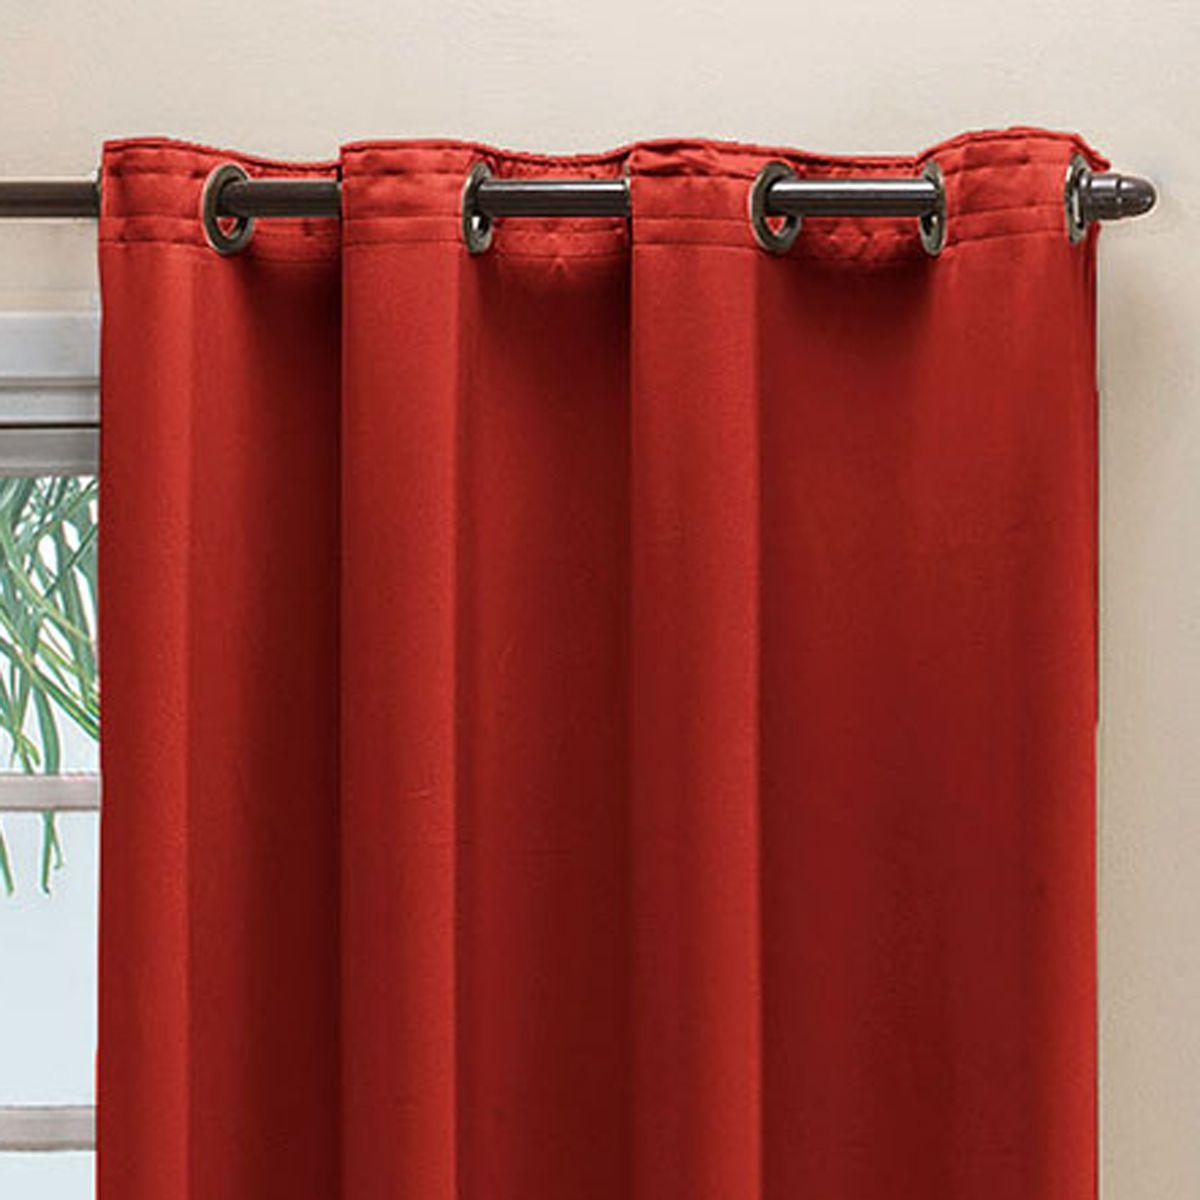 Cortina Blackout em Tecido Class Vermelho Corta Luz 2,80m x 1,60m